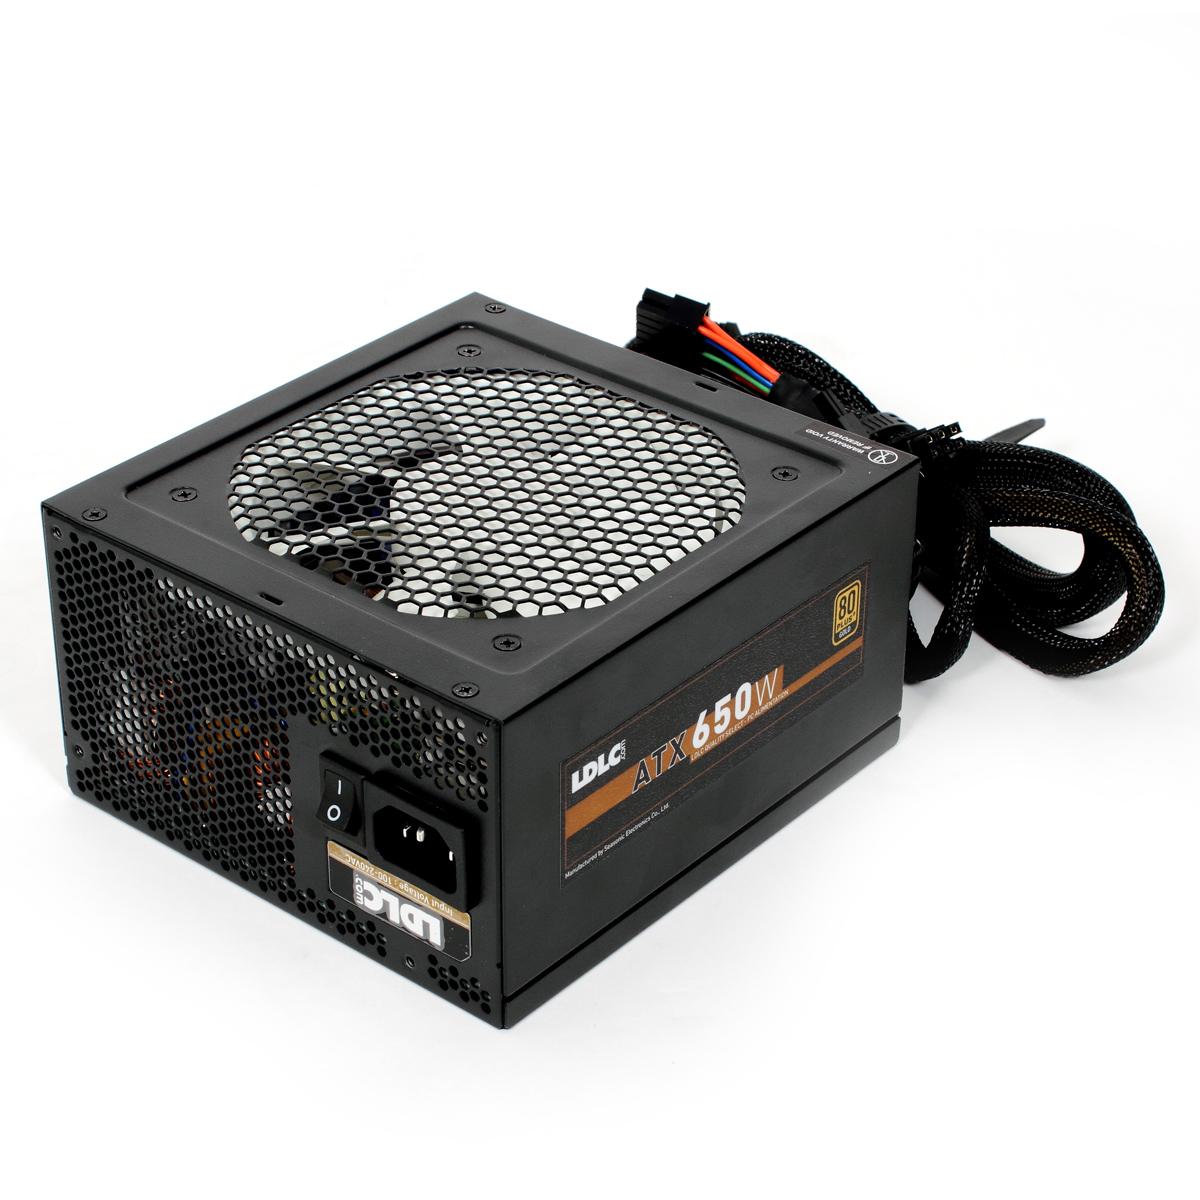 Alimentation PC LDLC QS-650+ Quality Select 80PLUS Gold (Garantie 5 ans) Alimentation modulaire 650W ATX 12V Ventilateur 120 mm - 80PLUS Gold